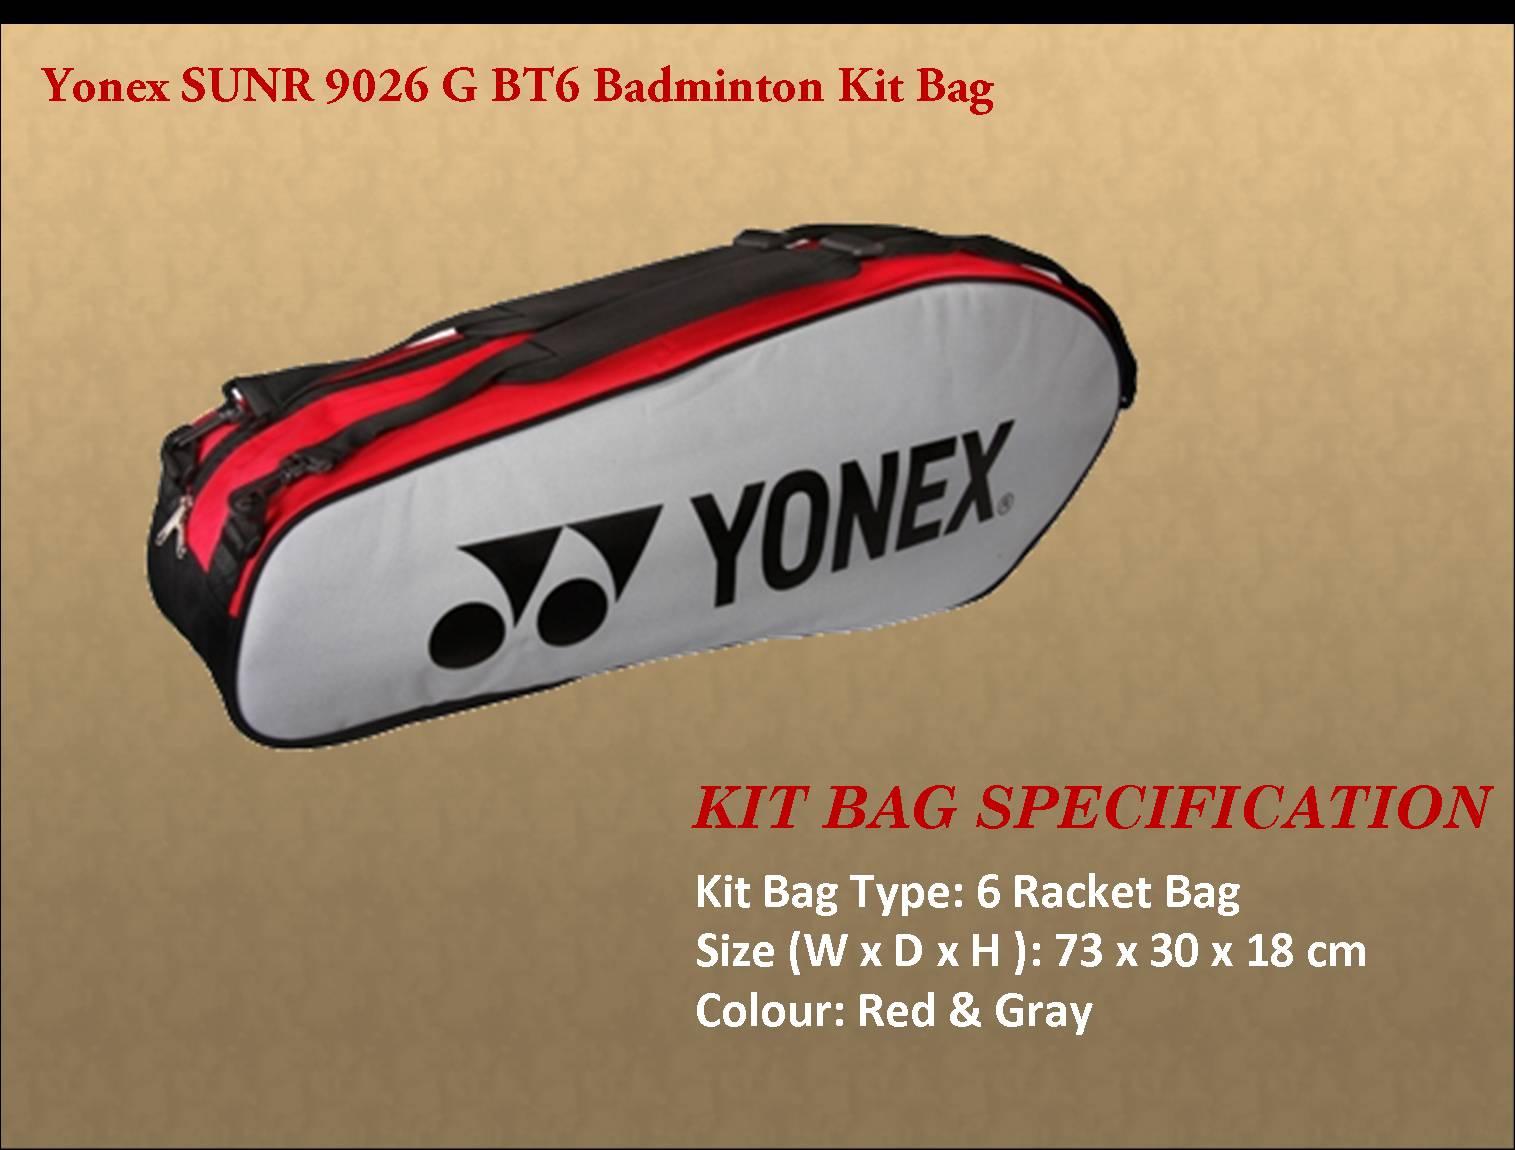 Yonex SUNR 9026 G BT6 Badminton Kit Bag